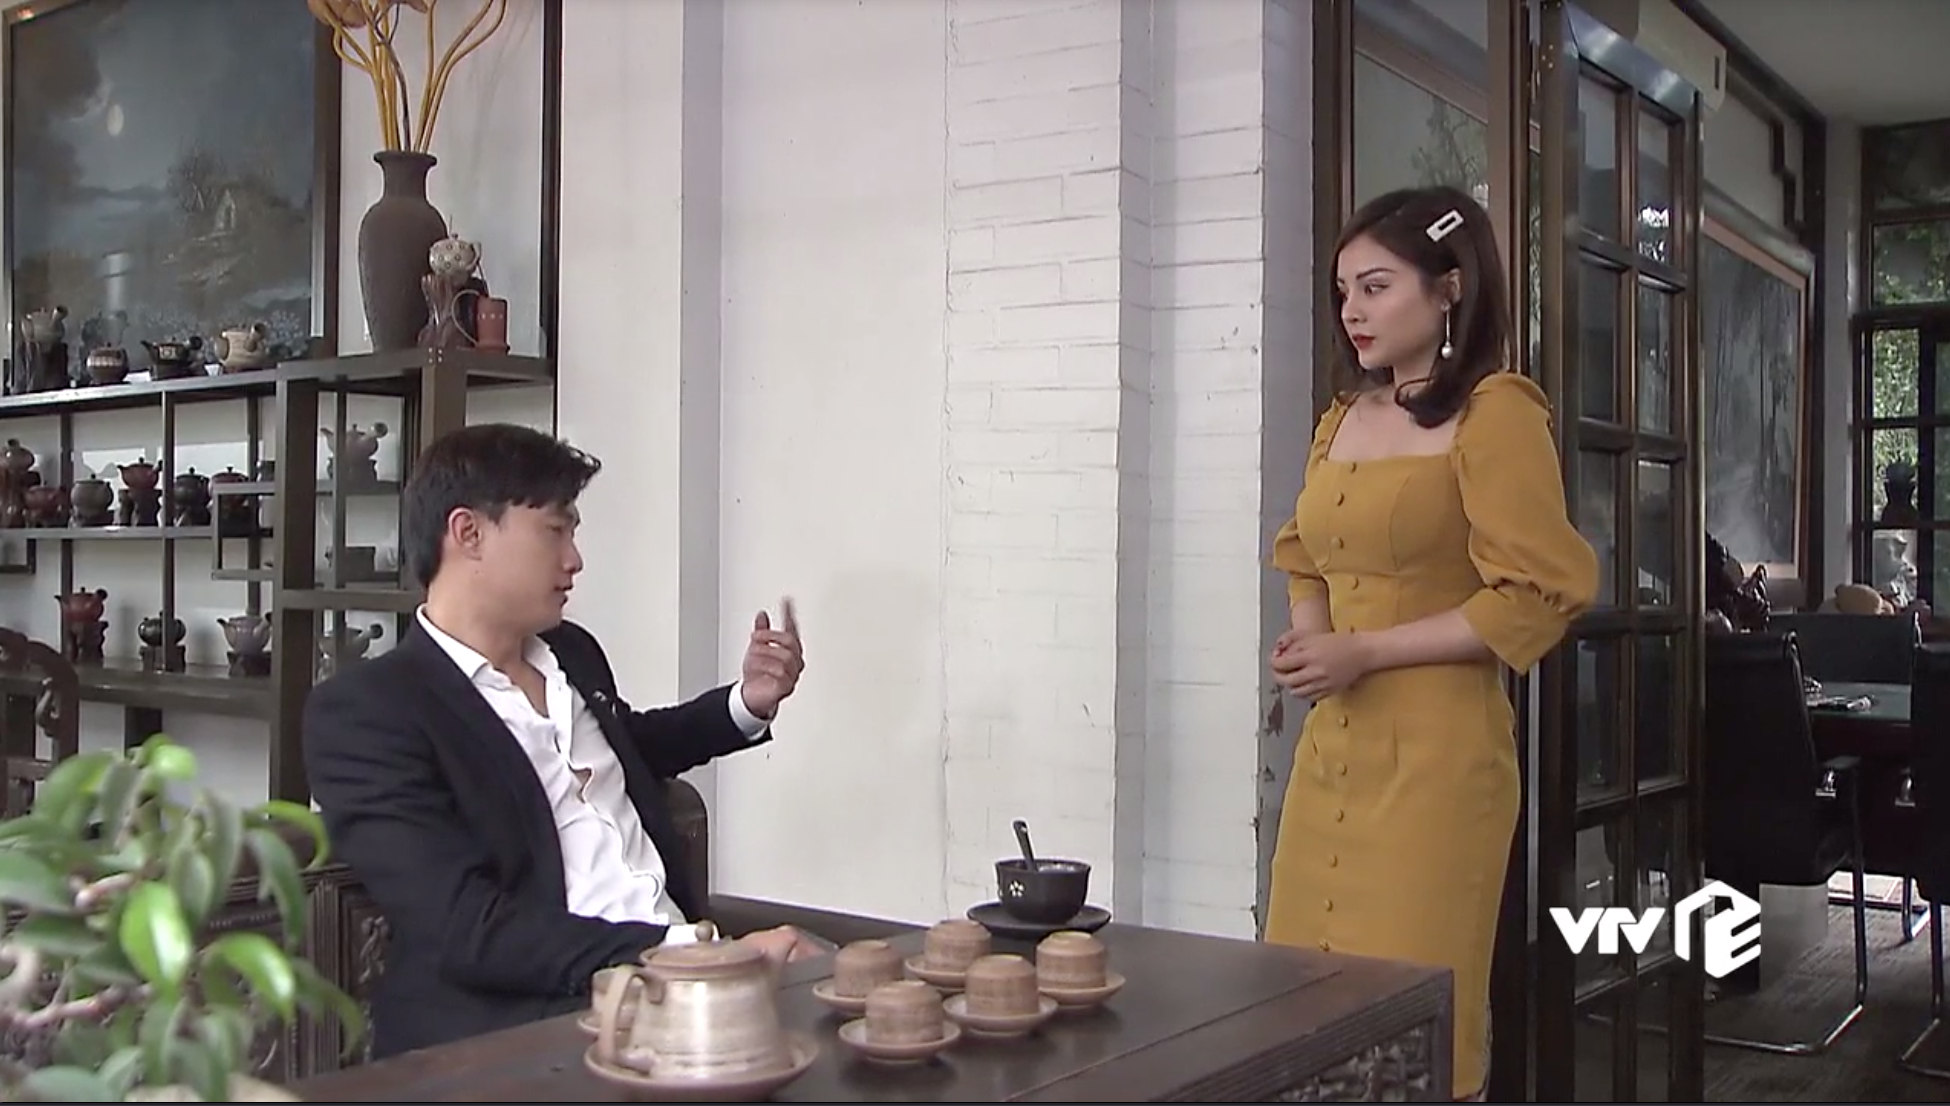 'Về nhà đi con': Sắp lấy vợ mà Vũ vẫn không bỏ thói trăng hoa, nếu không có mẹ can có lẽ đã đưa gái lạ lên giường